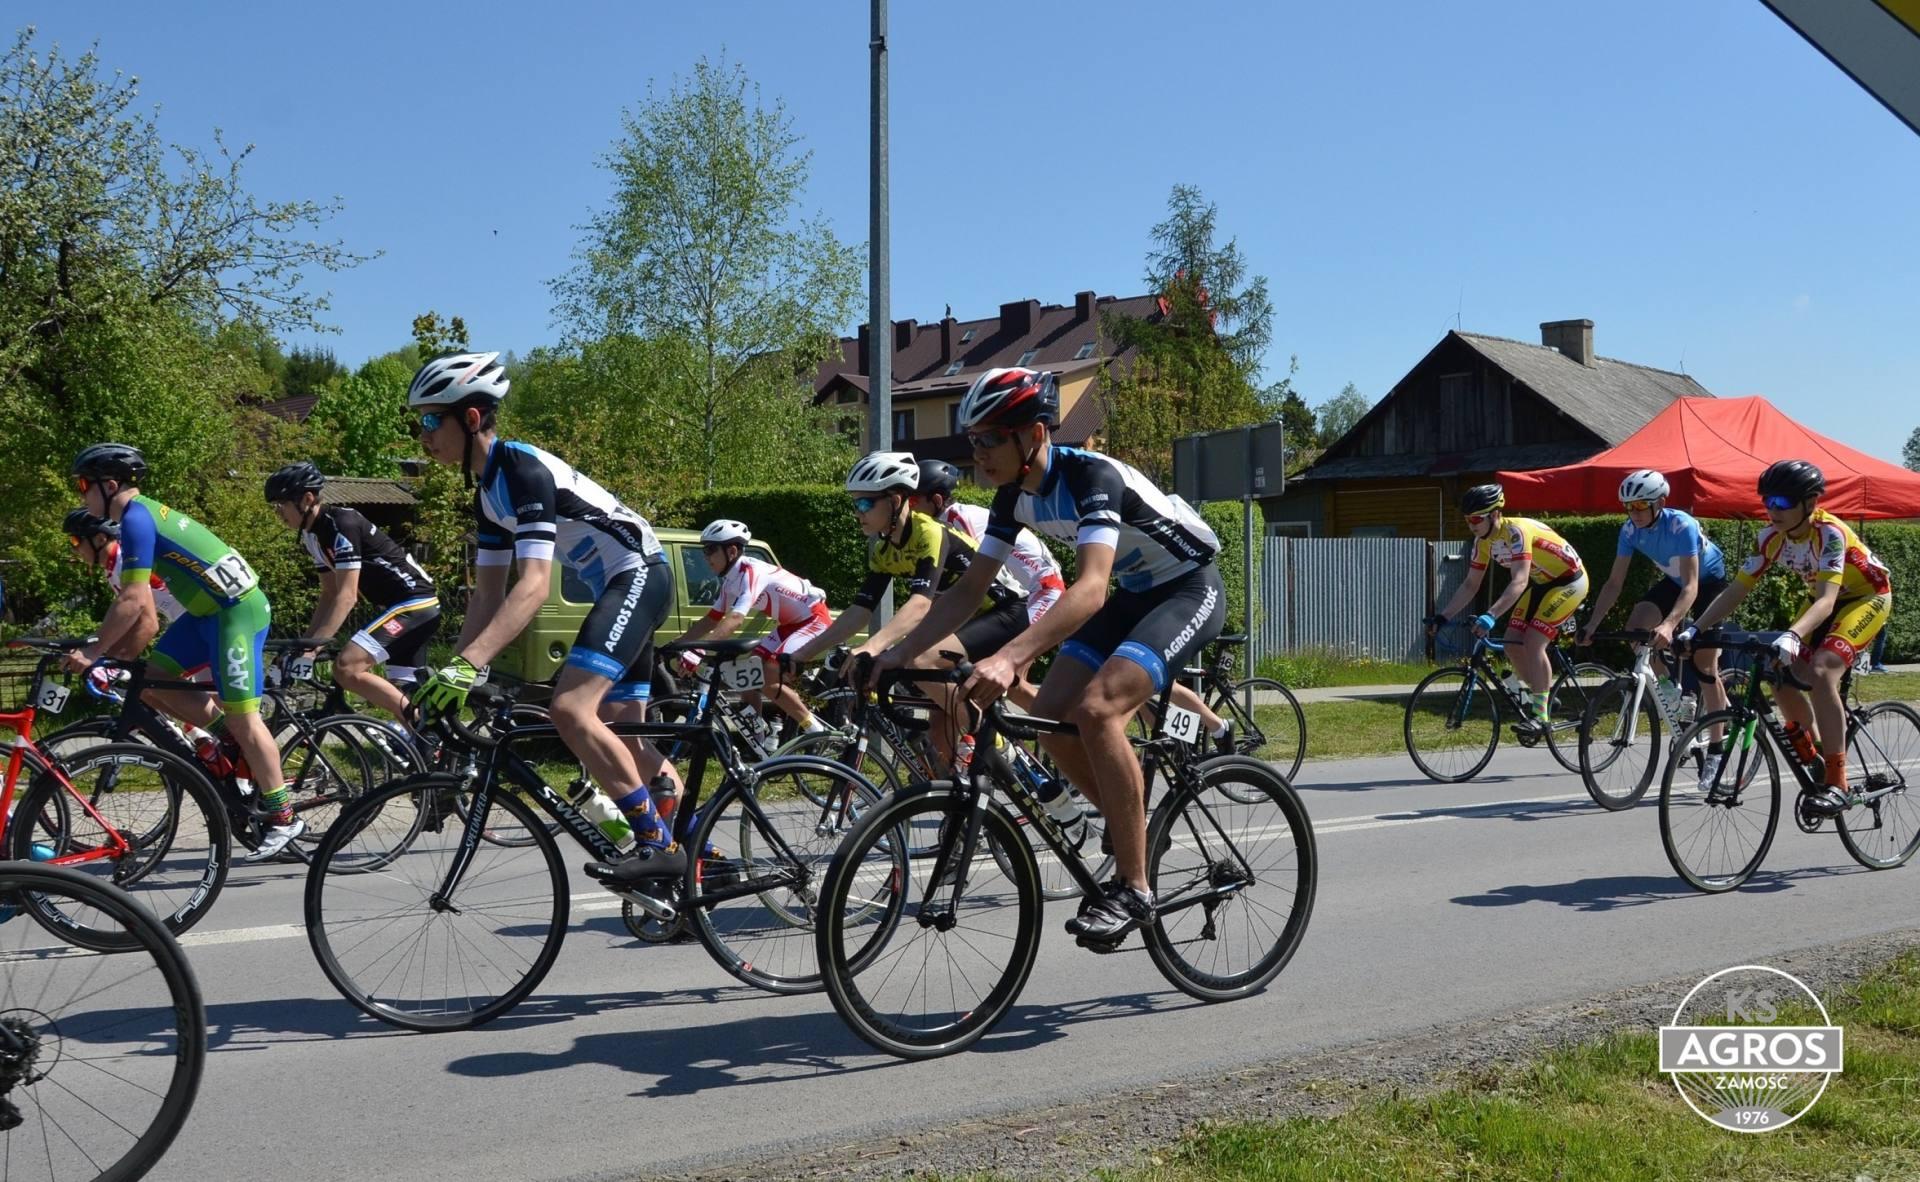 dsc 0367 Wyścig kolarski utrudni ruch na drogach Zamojszczyzny.